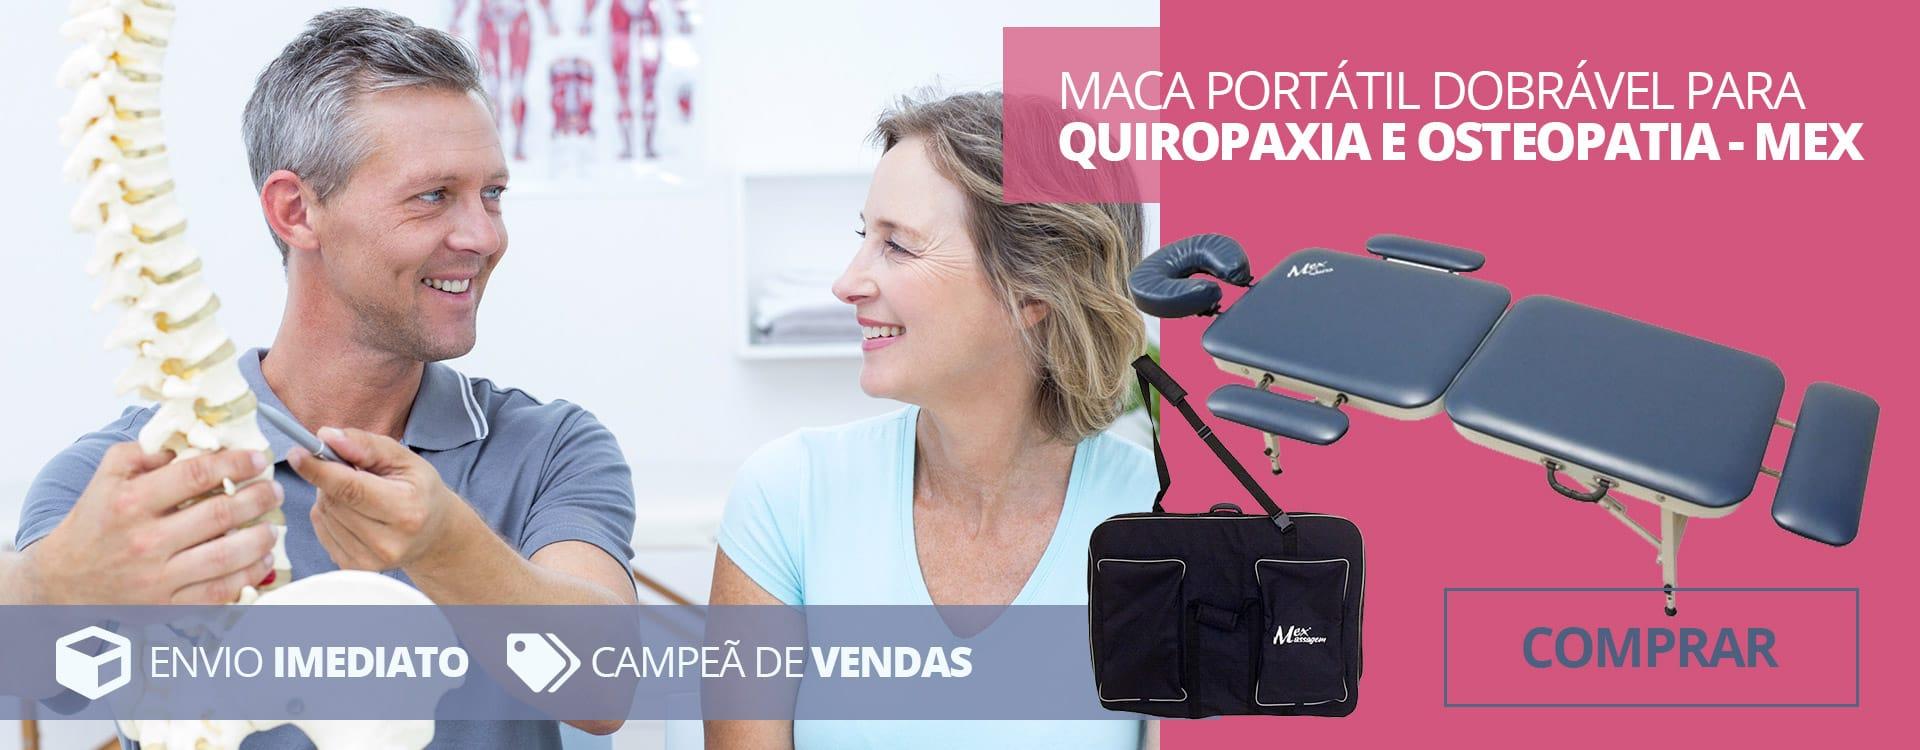 Maca Quiropaxia Osteopatia MEX